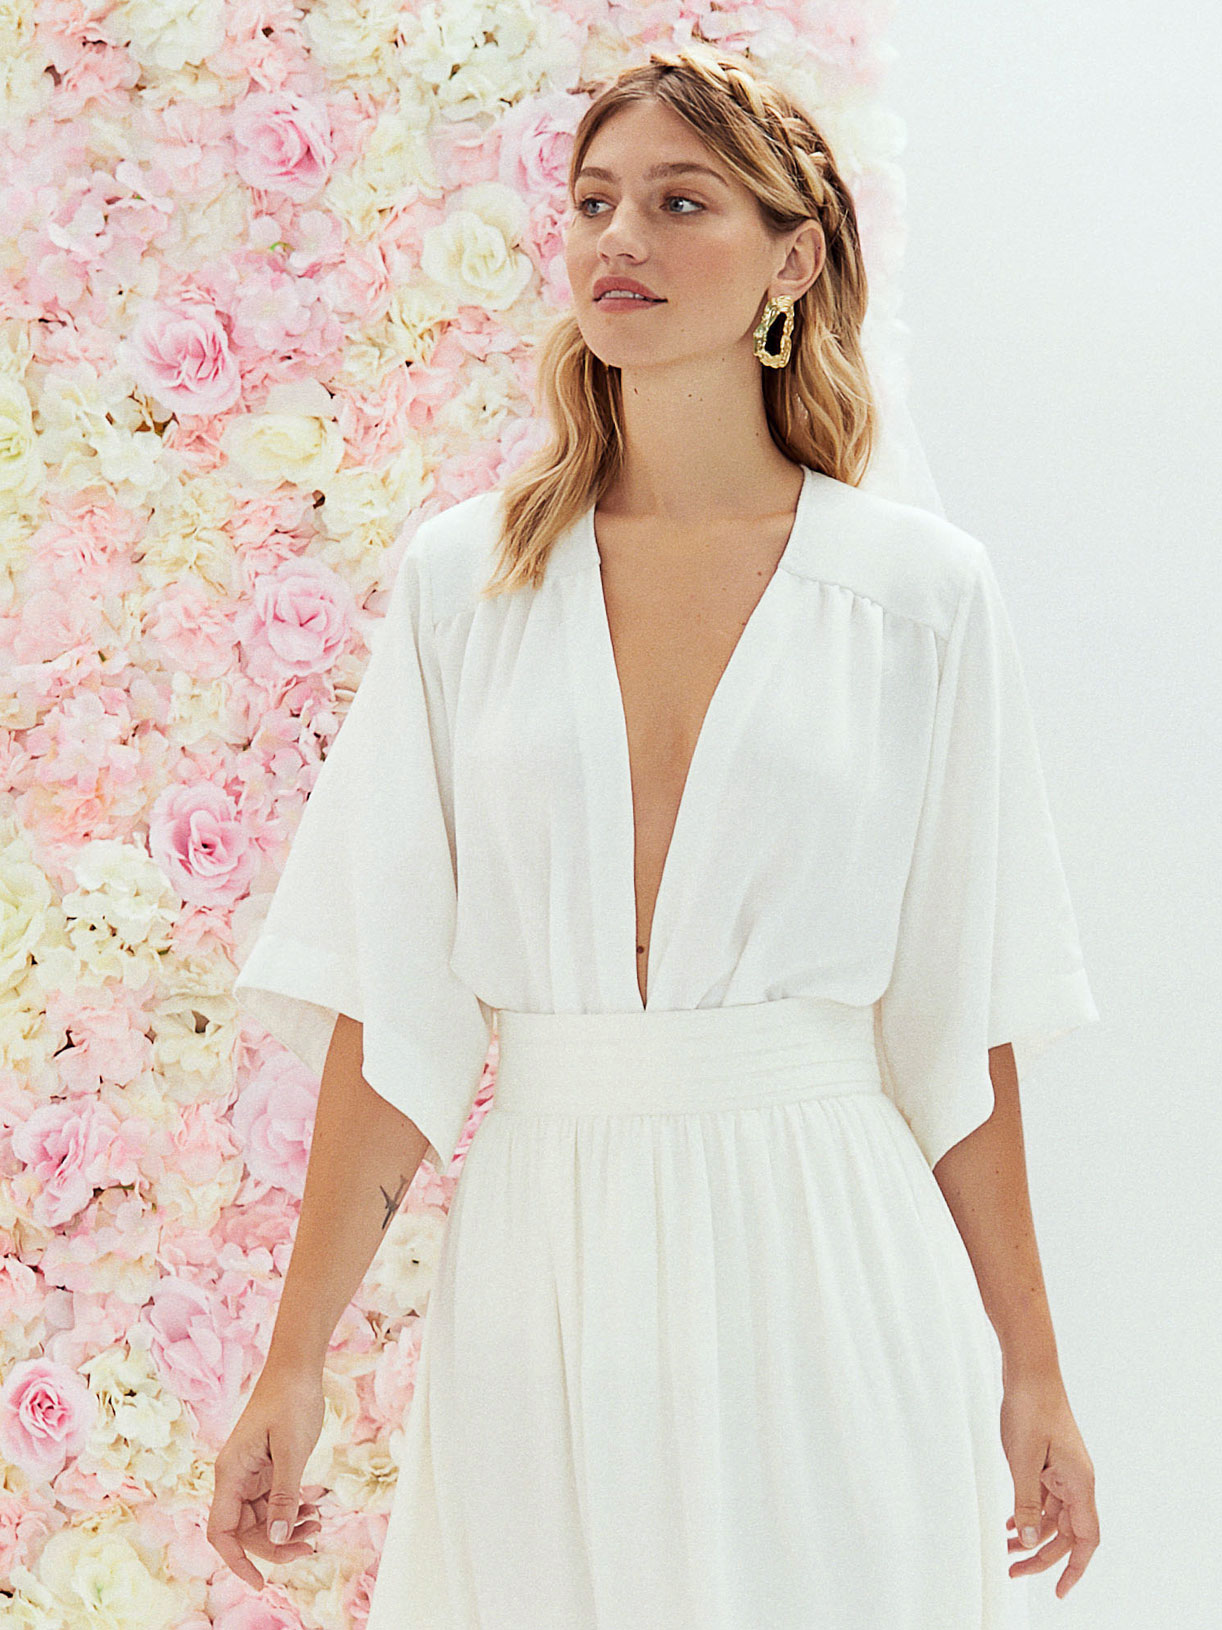 Kimono de mariee ecoresponsable - Creatrice de robe de mariée éthique et écoresponsable a Paris - Myphilosophy